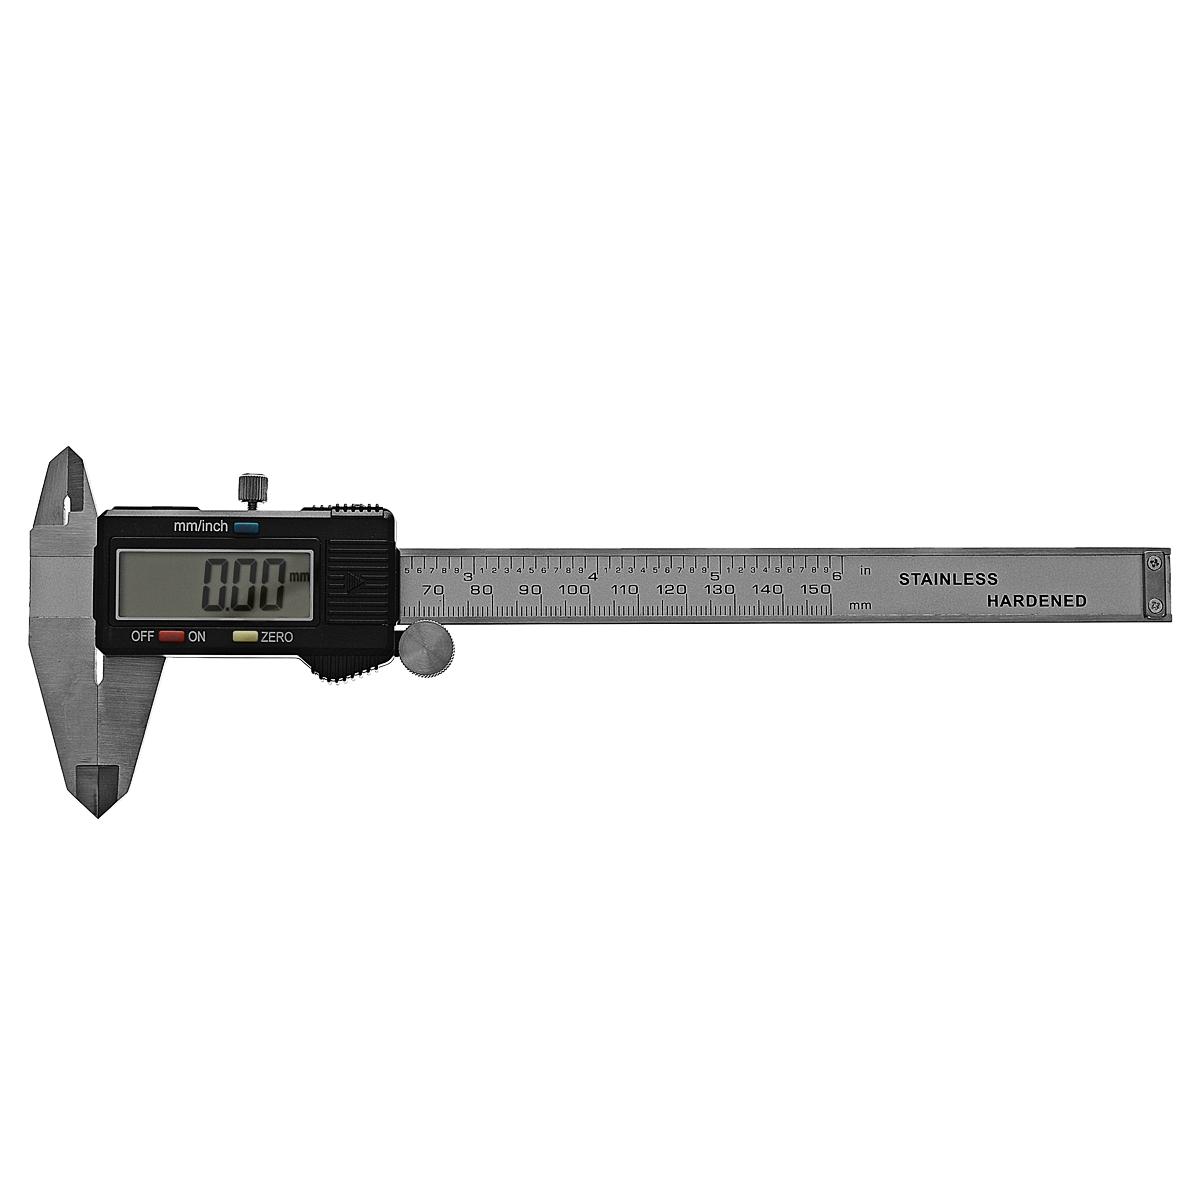 Штангенциркуль электронный Fit Digital Caliper, 15 см54 009318Штангенциркуль электронный Fit предназначен для измерений наружных и внутренних линейных размеров, а так же для измерения глубин. Применяется в машиностроении, приборостроении и других отраслях промышленности. Характеристики: Материал: нержавеющая сталь, пластик. Общий размер штангенциркуля: 23,5 см x 7,7 см x 1,2 см. Диапазон измерения: 0-150 мм. Дискретность: 0,01 мм/ 0.0005. Точность: 0.01 мм. Воспроизводимость повторных измерений: 0.01 мм/ 0.0005. Максимальная скорость измерений: 1,5 м/сек, 60/сек. Диапазон рабочих температур: 5-40°С. Питание: батарейка тип SR 44 (1х1,55В).